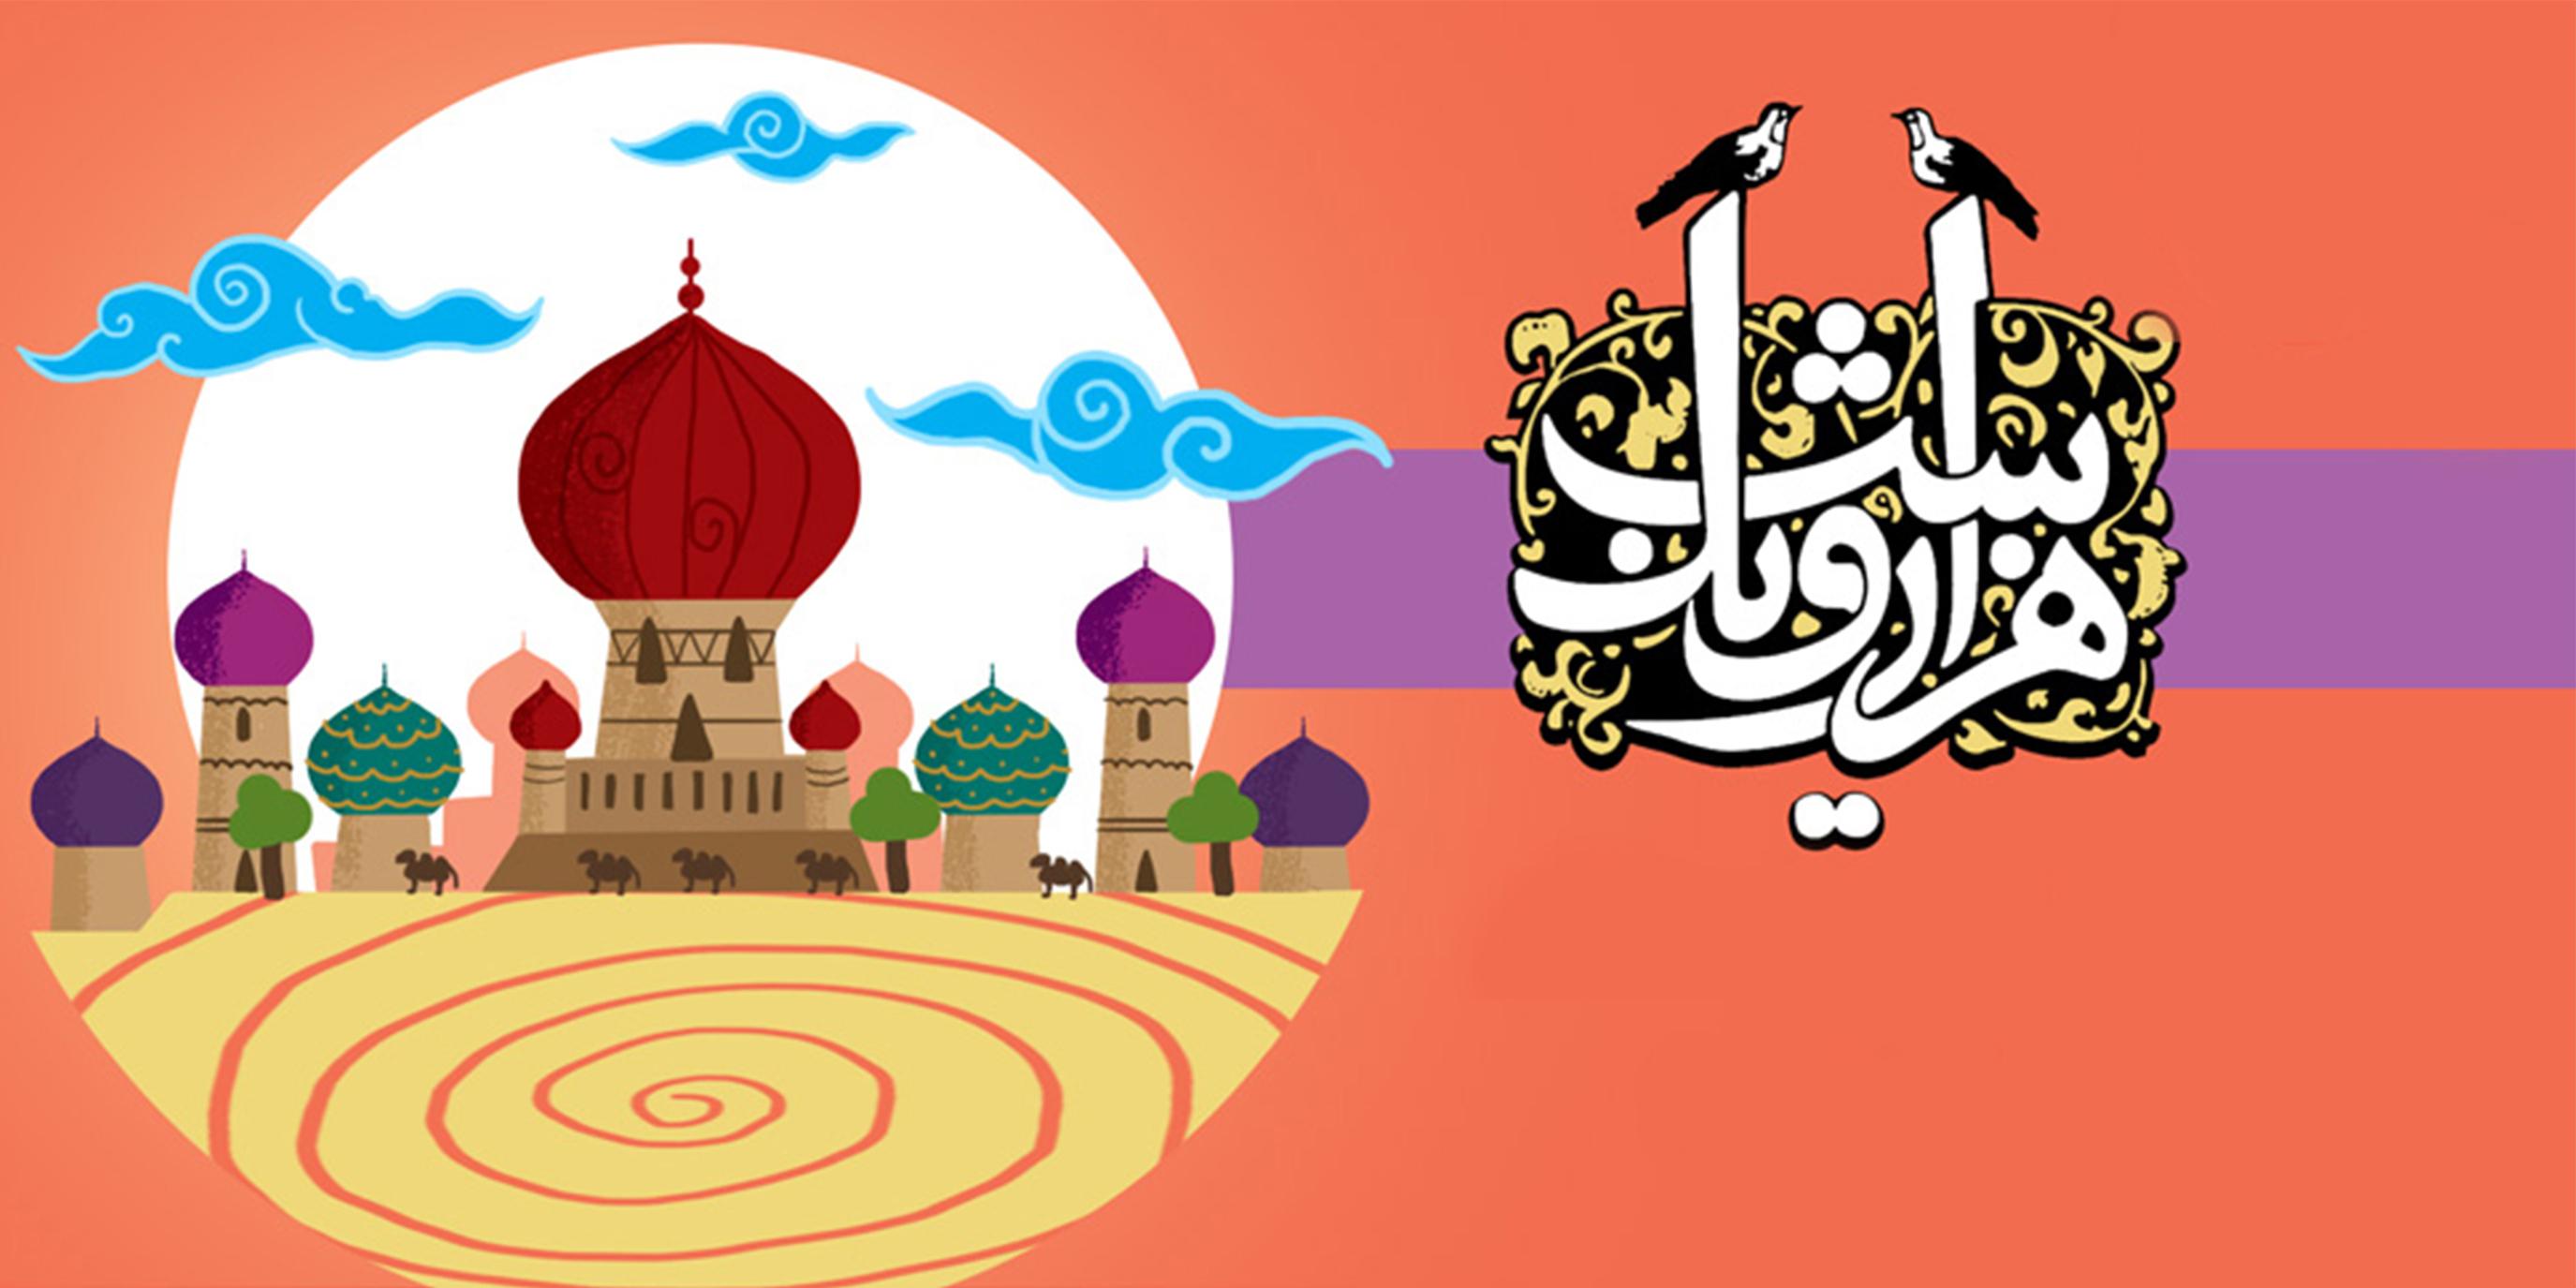 هزار و یک شب با شهرزاد قصهگو